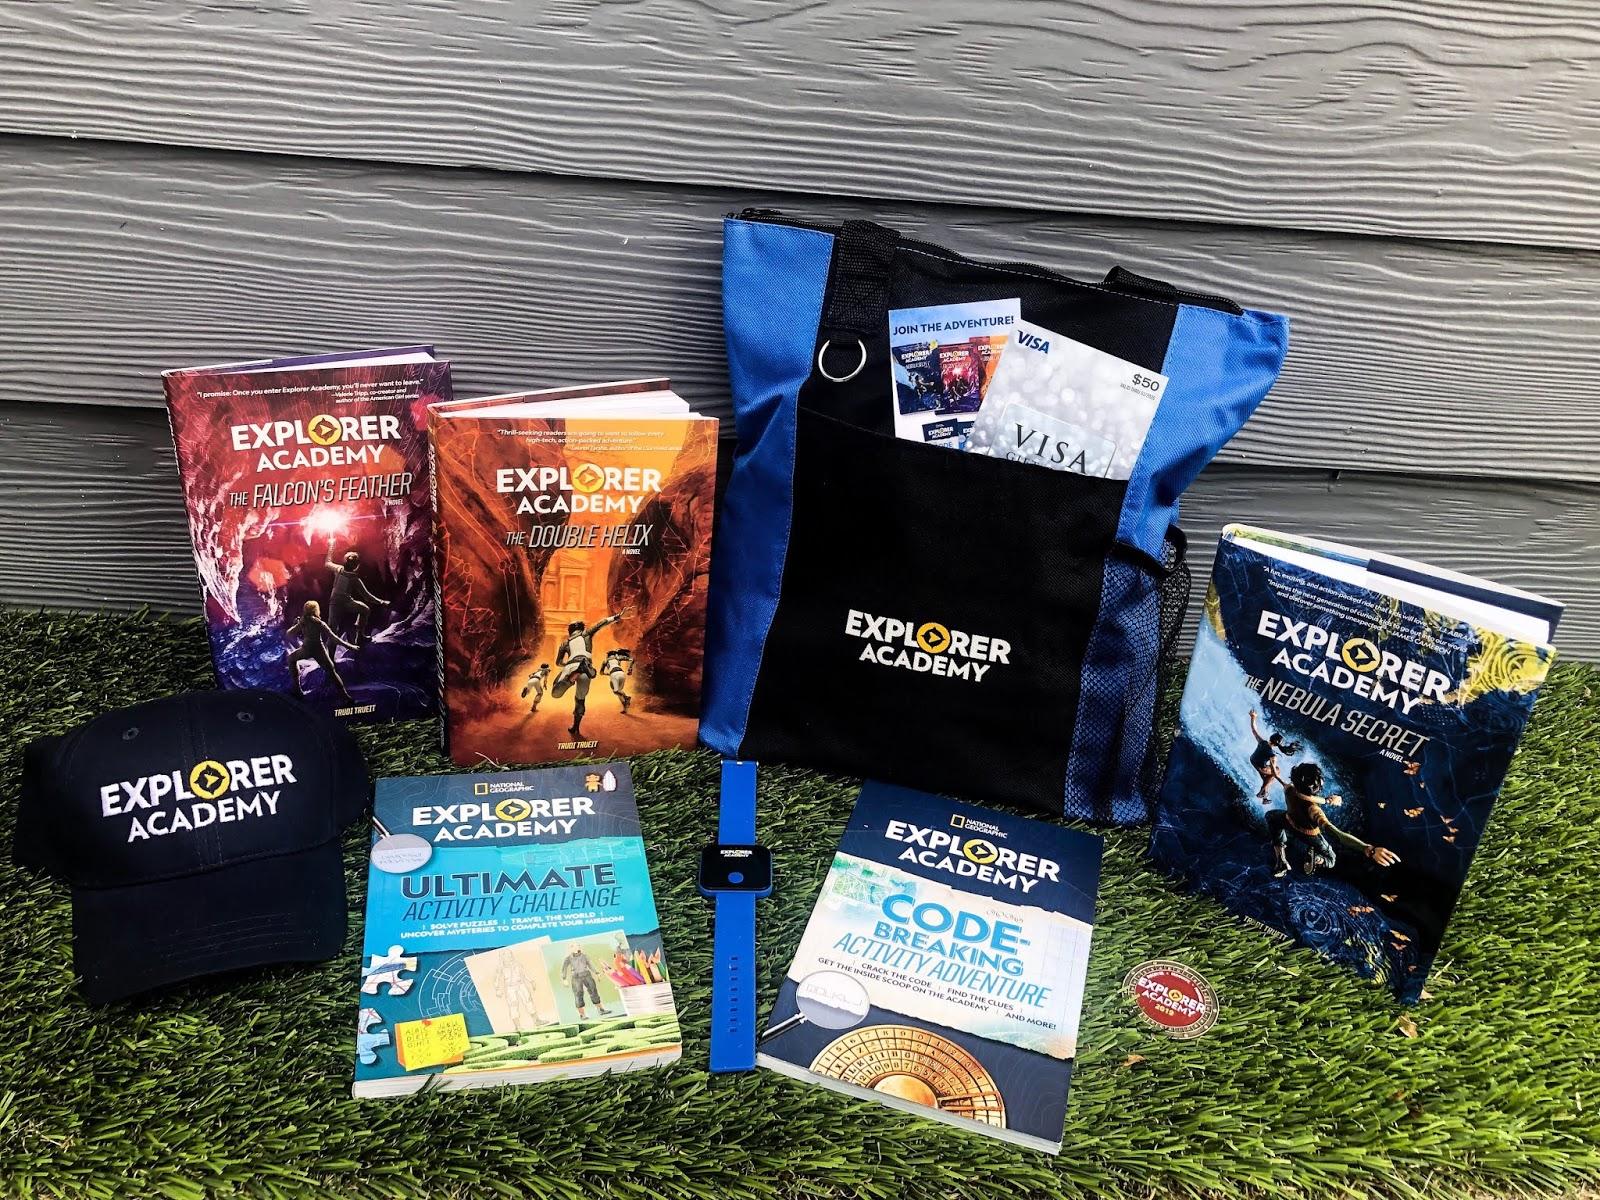 exploreracademy com giveaway